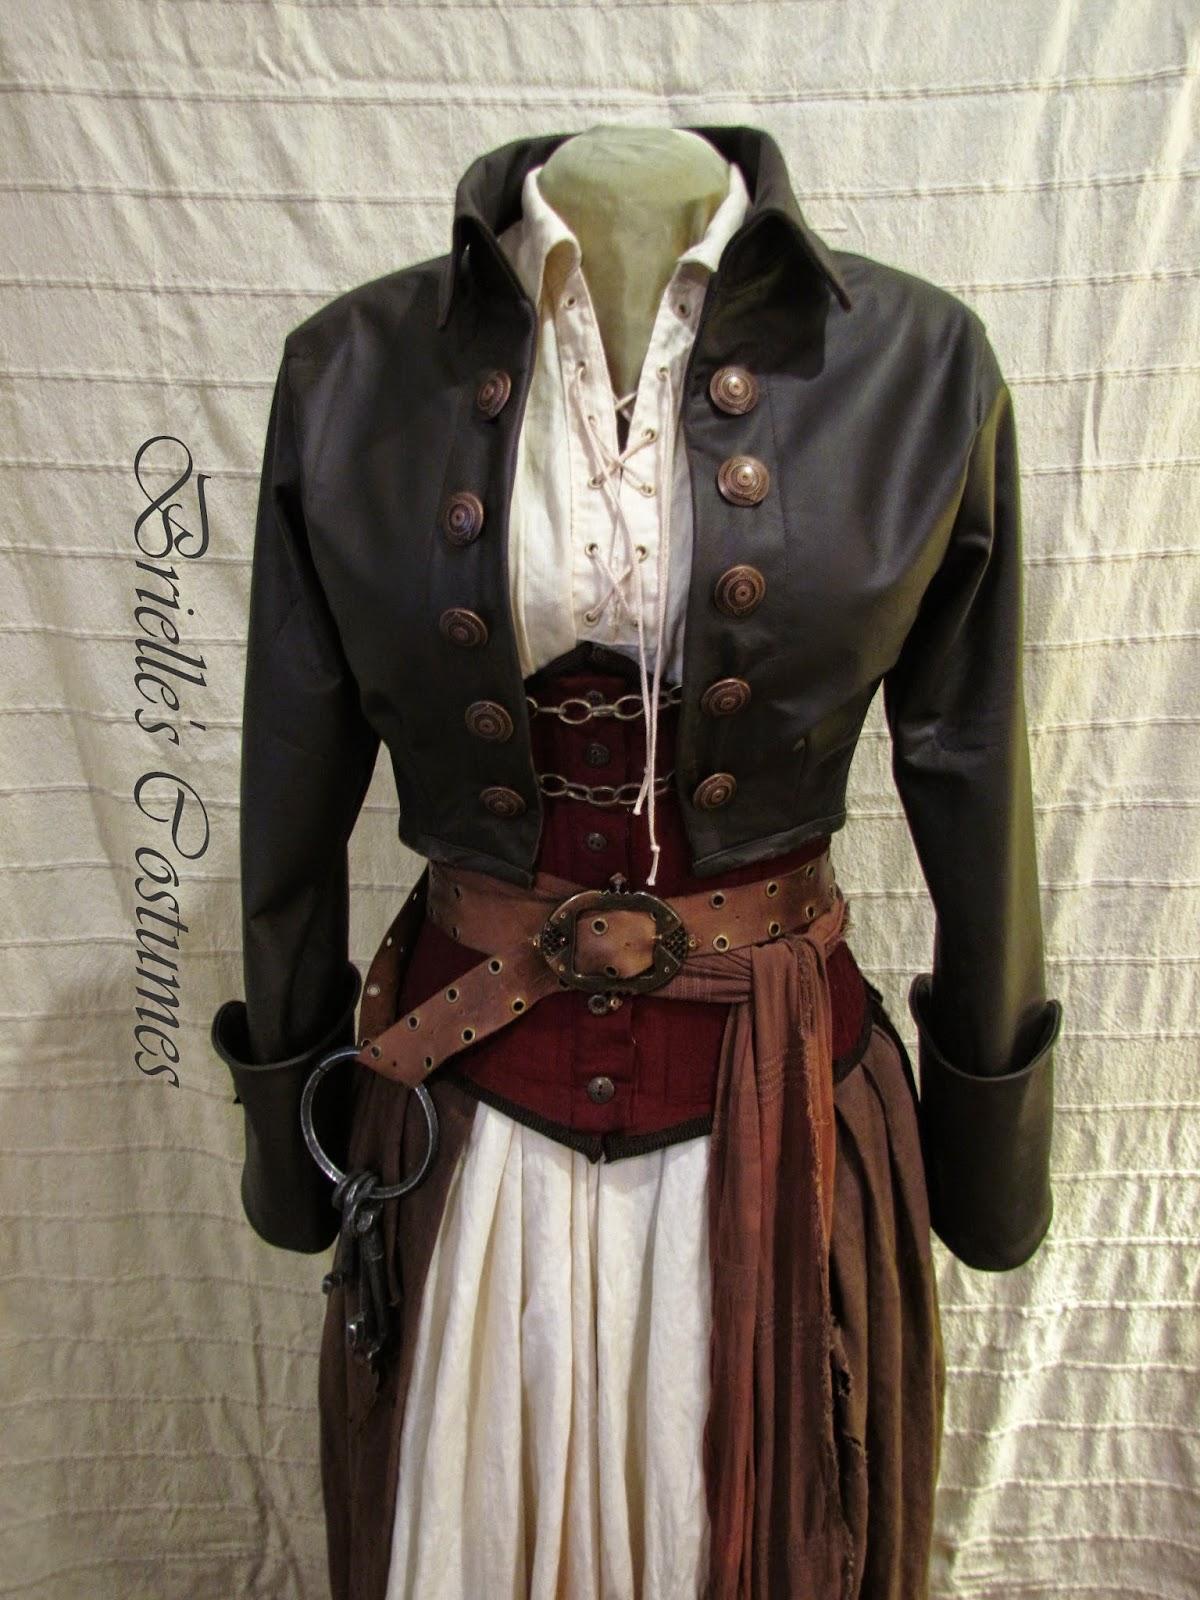 handmade unique uniquely renaissance handmade garb for